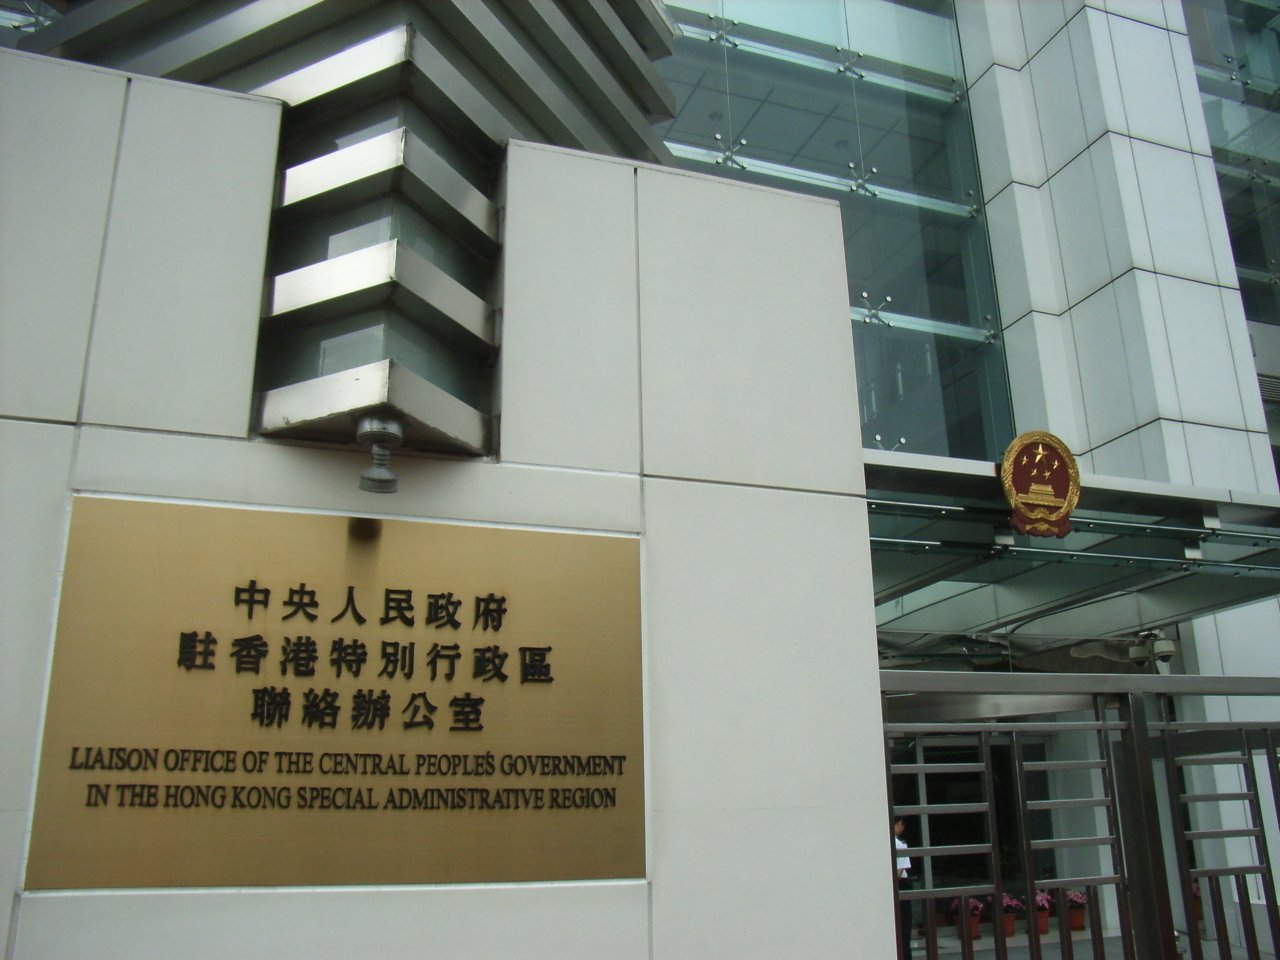 香港中聯辦。圖/取自維基百科